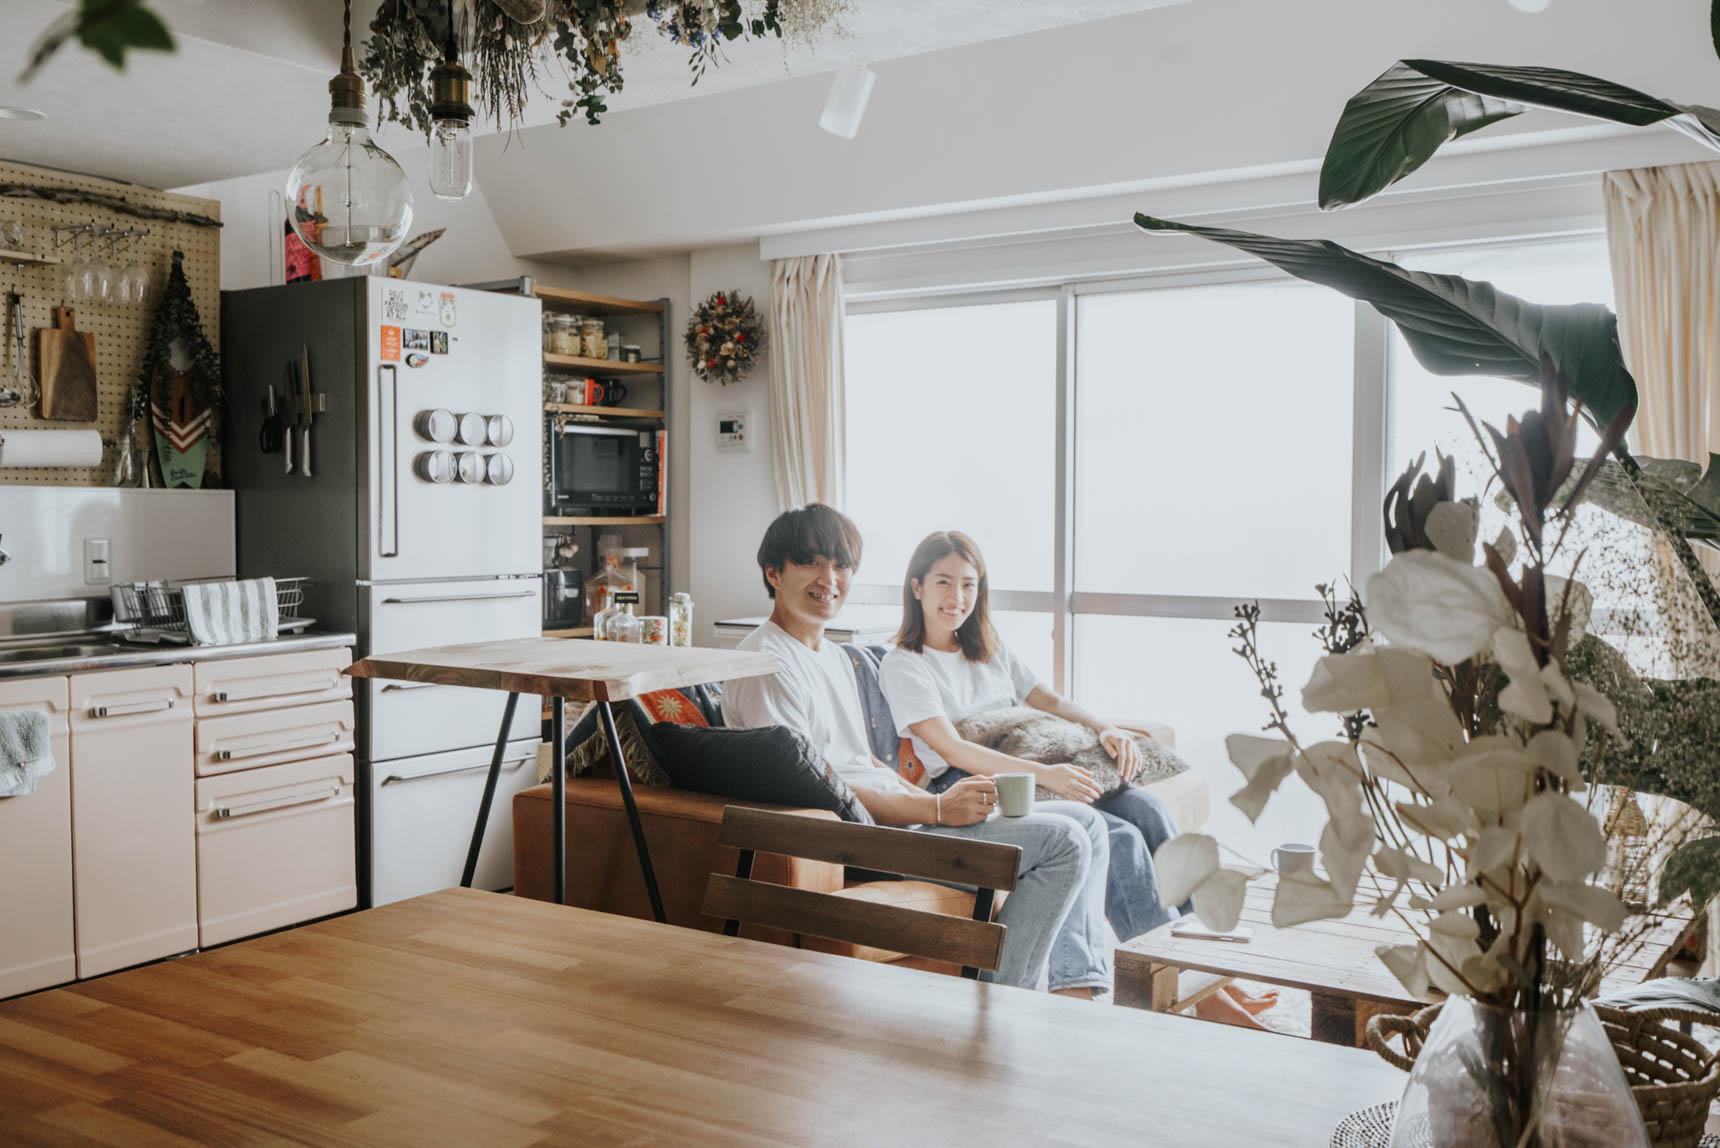 このお部屋に暮らすのは、慎之介さん(写真左)とあがささん(写真右)。Instagramでは エドワード・オークラというアカウント(@edward_okura)で、インテリアを中心に発信されています。